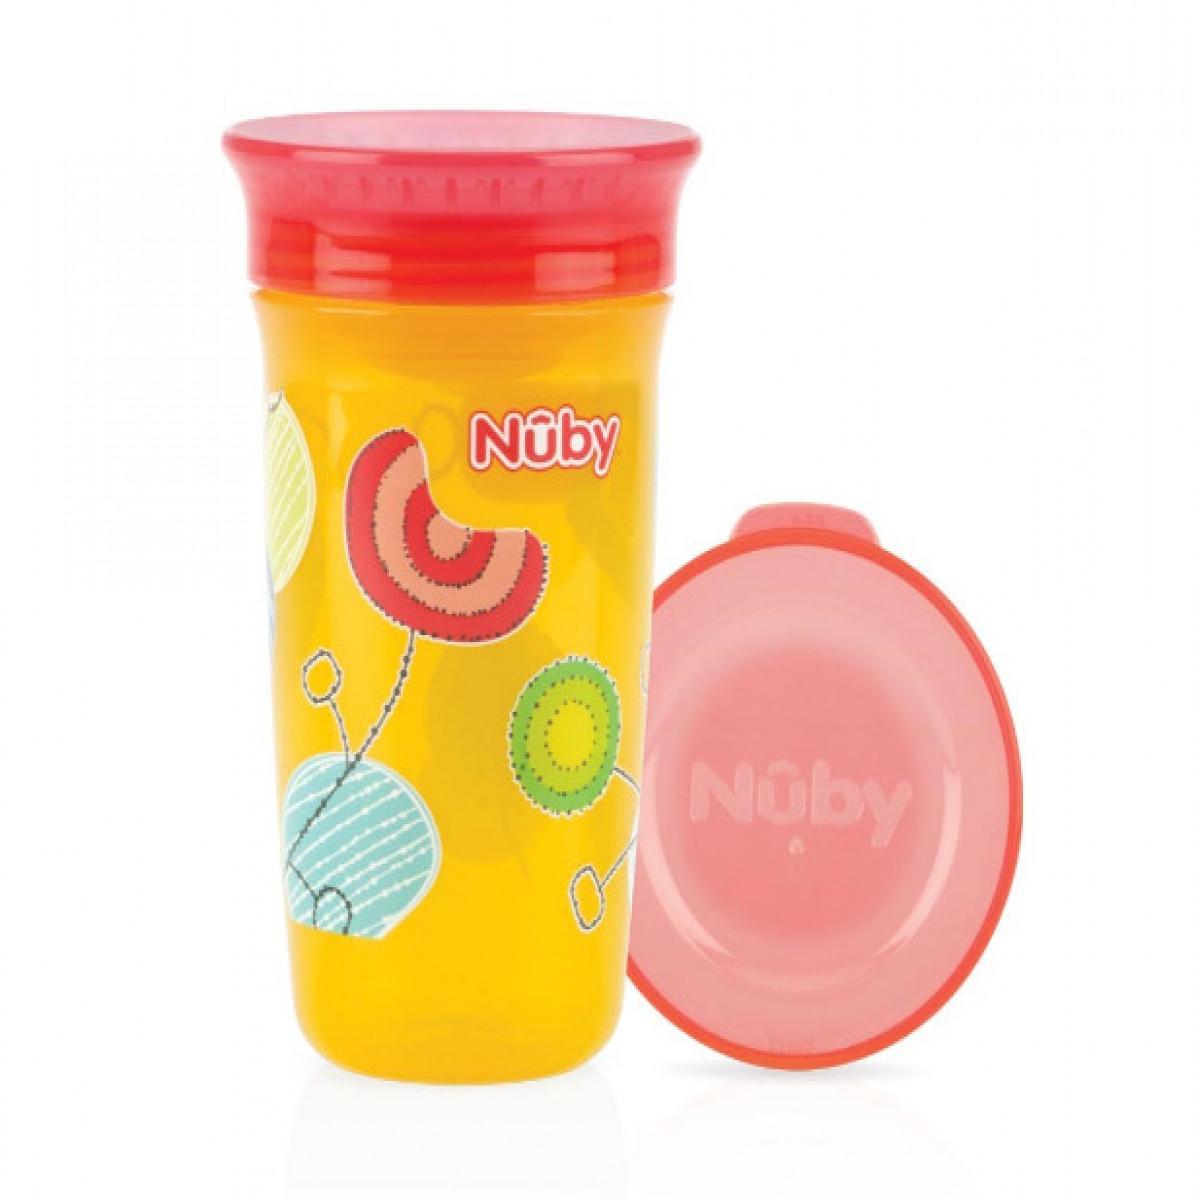 Vaso wonder  360  Nuby rojo